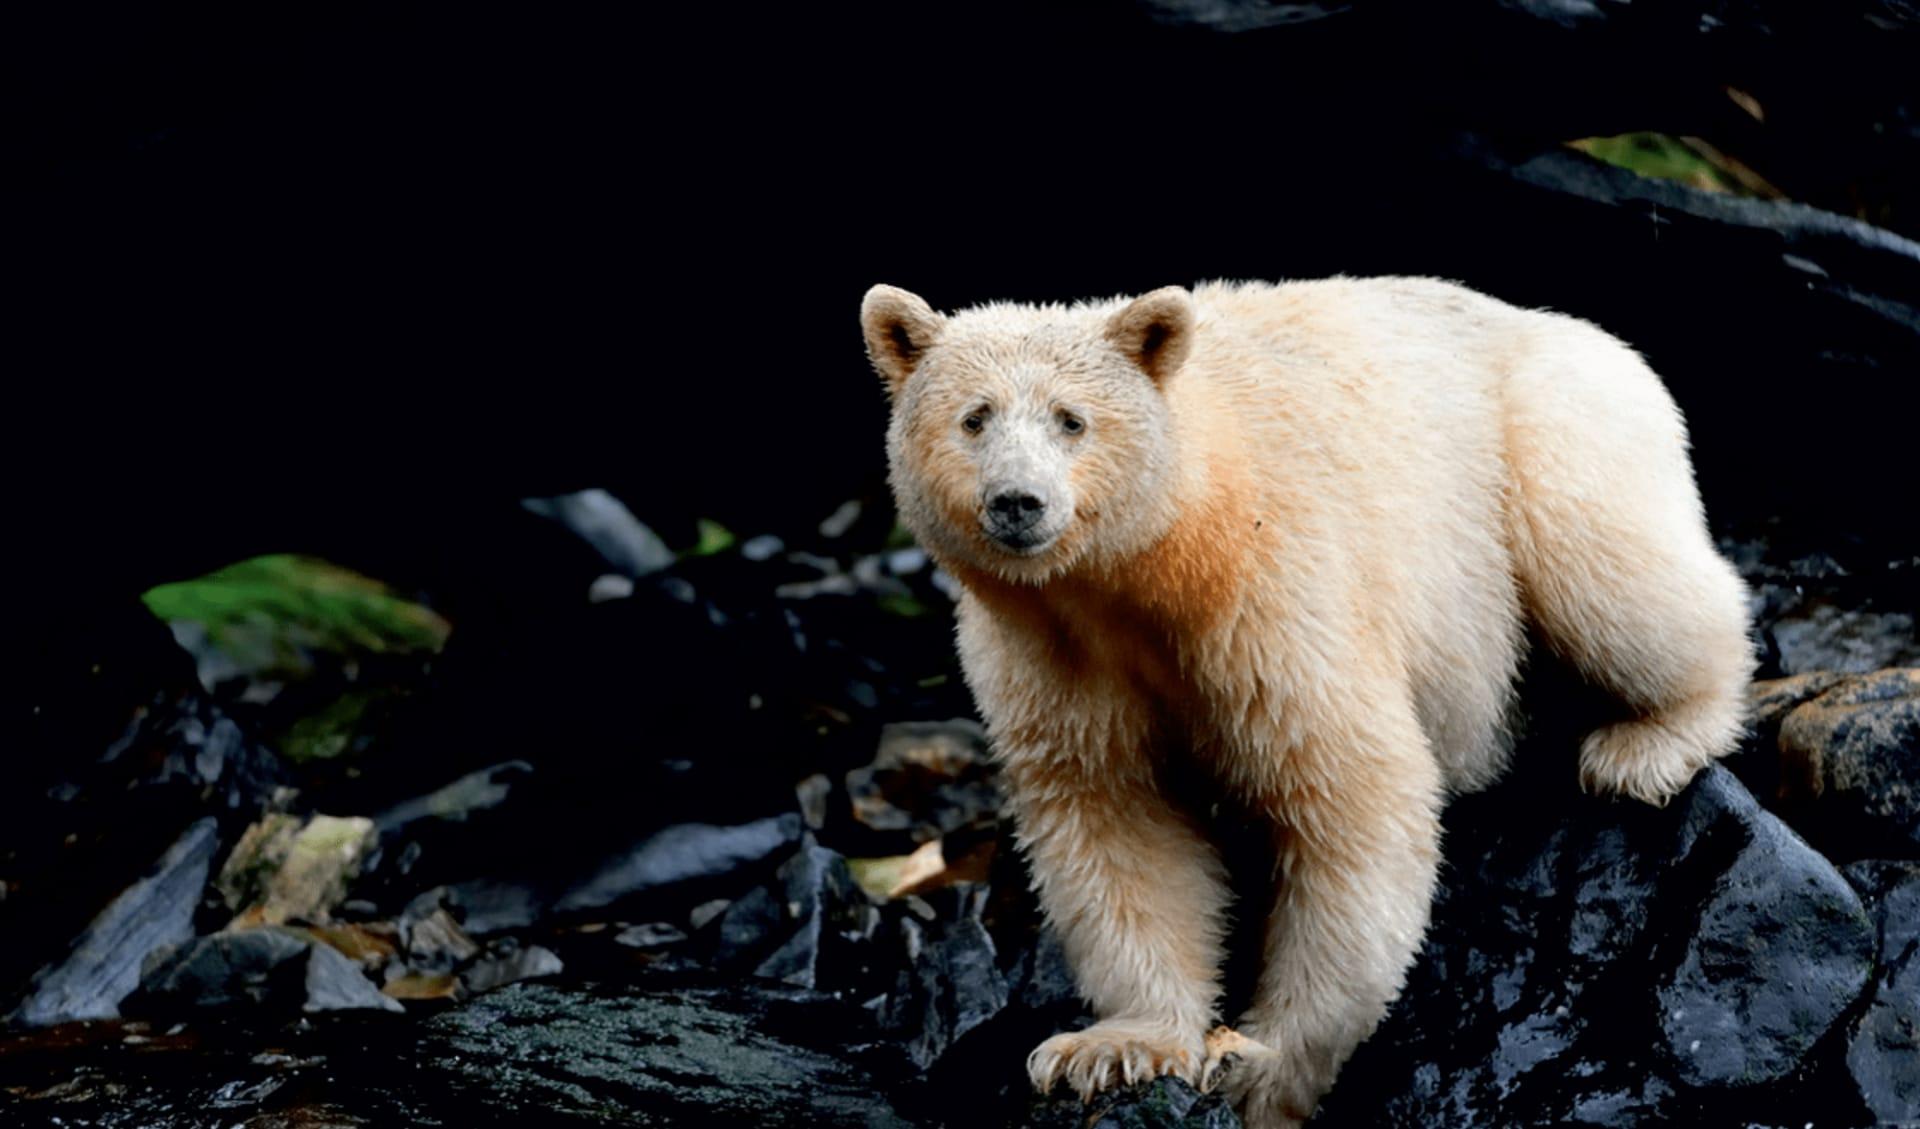 Bärenbeobachtung Spirit Bear Lodge ab Vancouver: tier bärenbeobachtung spirit bear lodge weisser bär